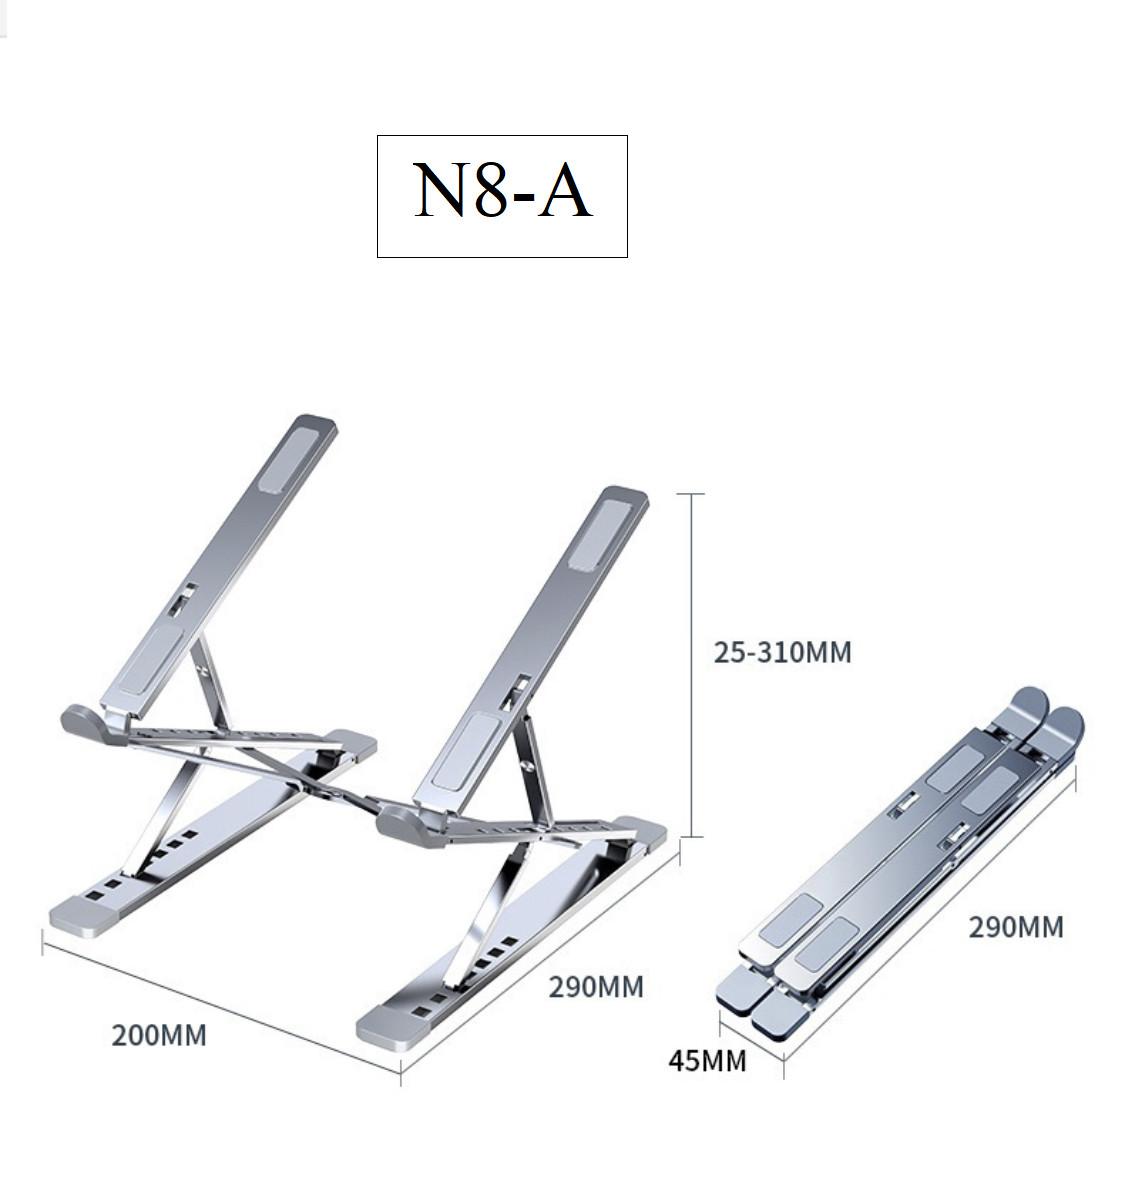 Giá đỡ nâng laptop stand nhôm 2 tầng 15 nấc chỉnh độ cao và có thể gấp gọn N8-A Vu Studio - Hàng chính hãng